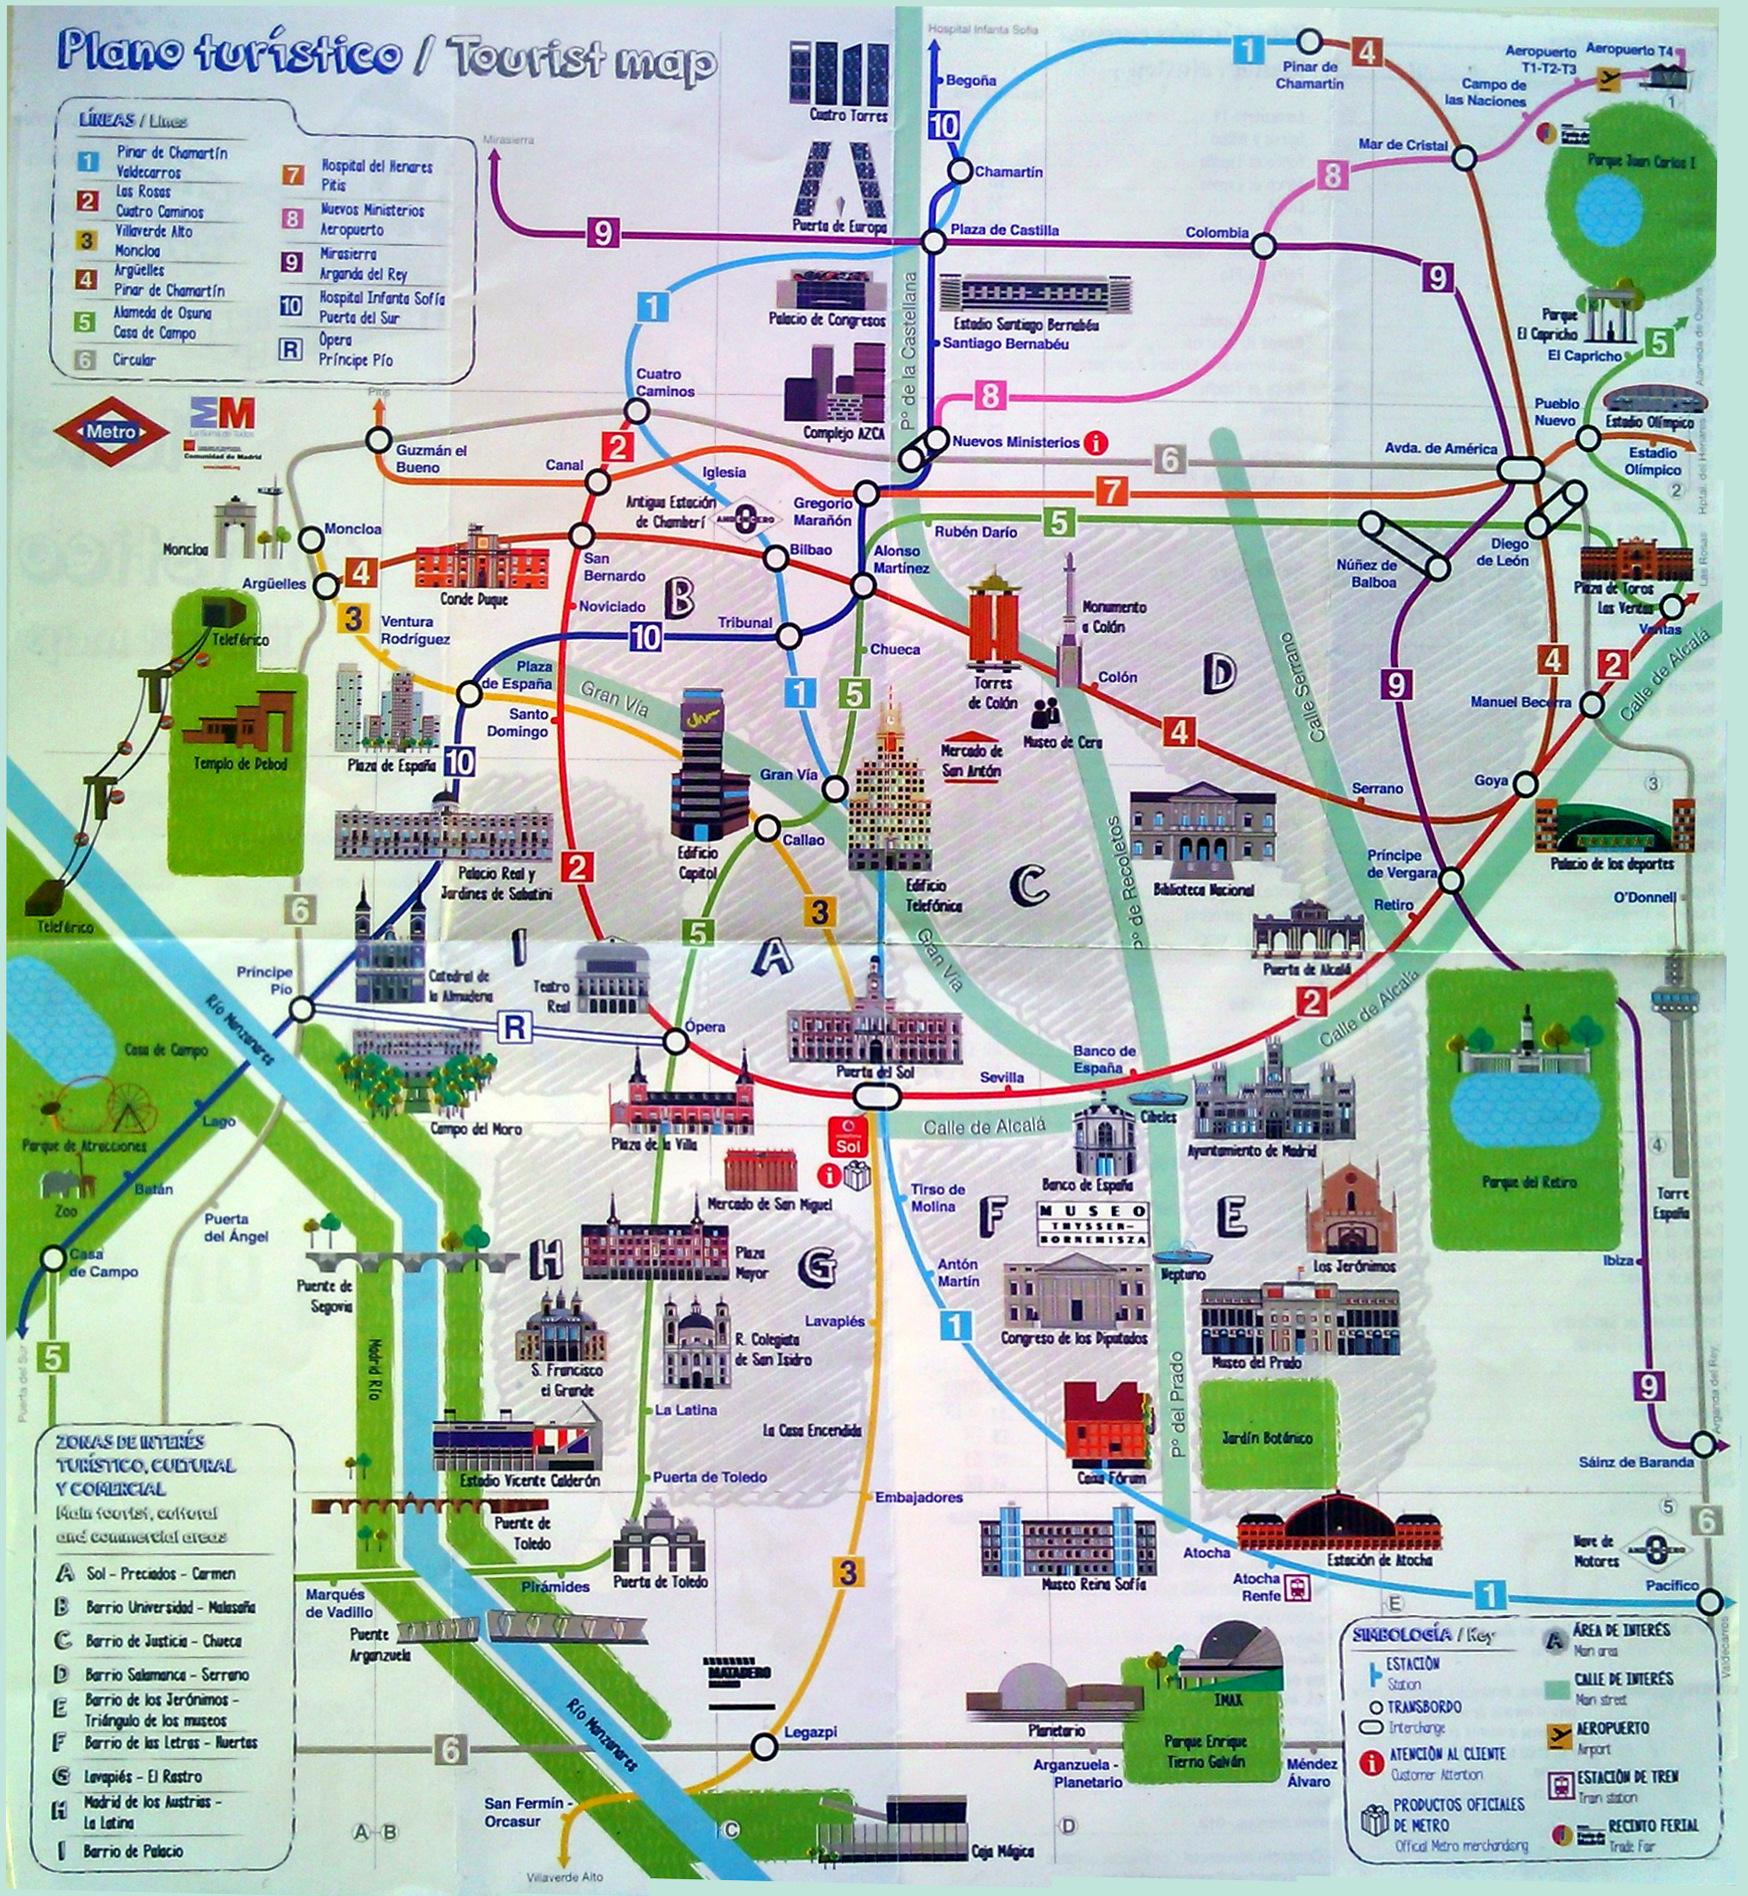 Description holy week malaga 2012 jpg